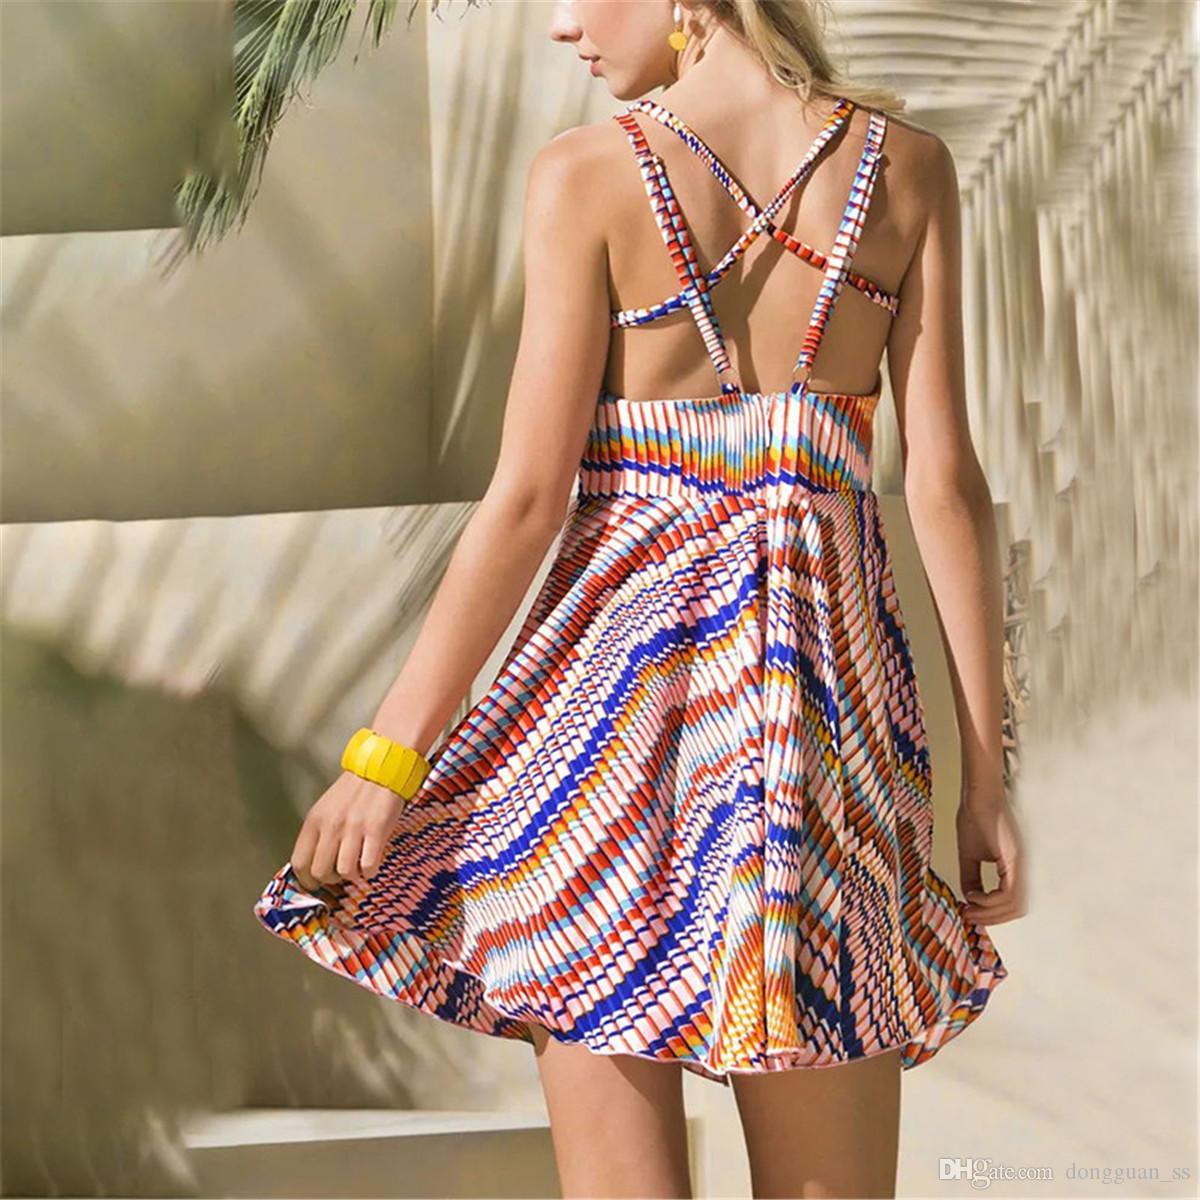 Abiti di spalla delle donne Sundresses a righe stampate Boemia sexy estate fredda Beach Dress Halter regolabile senza spalline partito del vestito